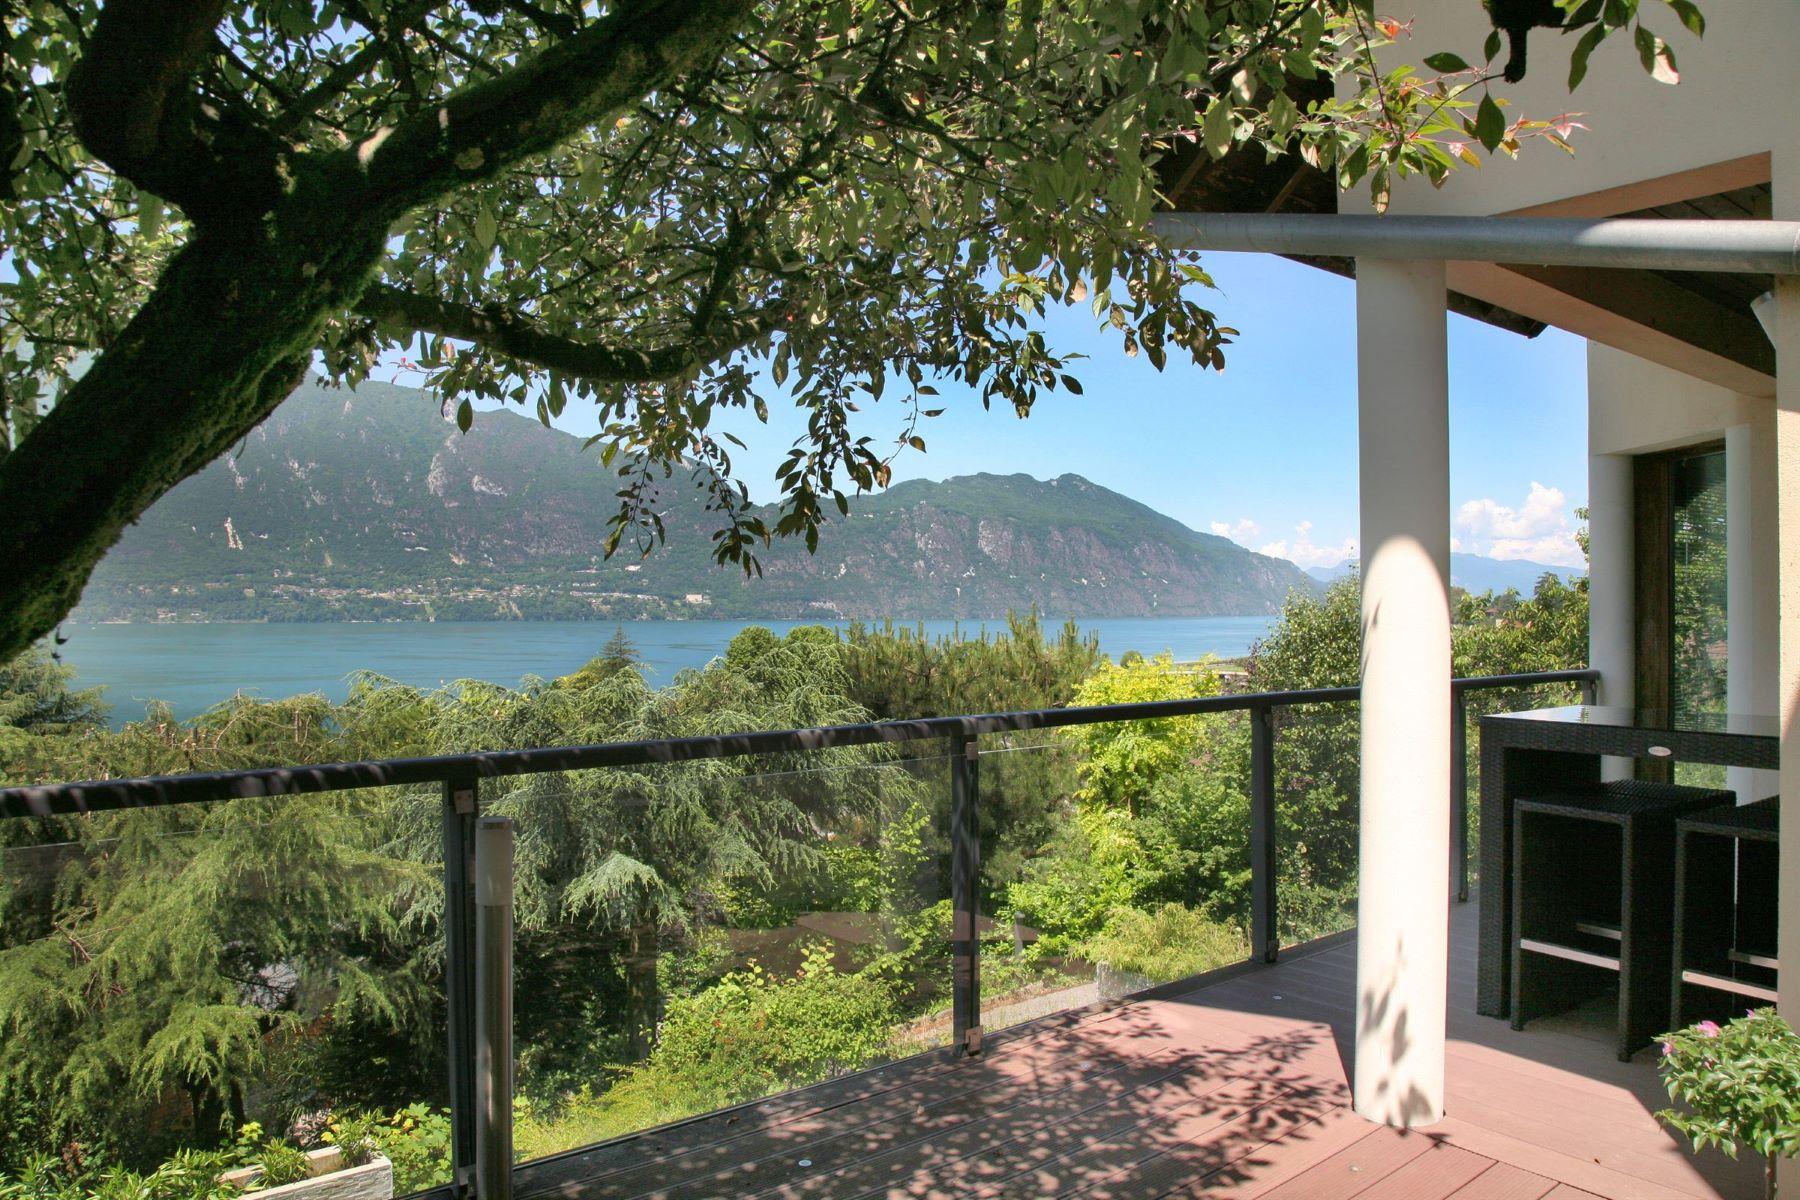 Частный односемейный дом для того Продажа на Tresserve - Large Architect Villa with fine Lake view Tresserve, Рона-Альпы, 73100 Франция